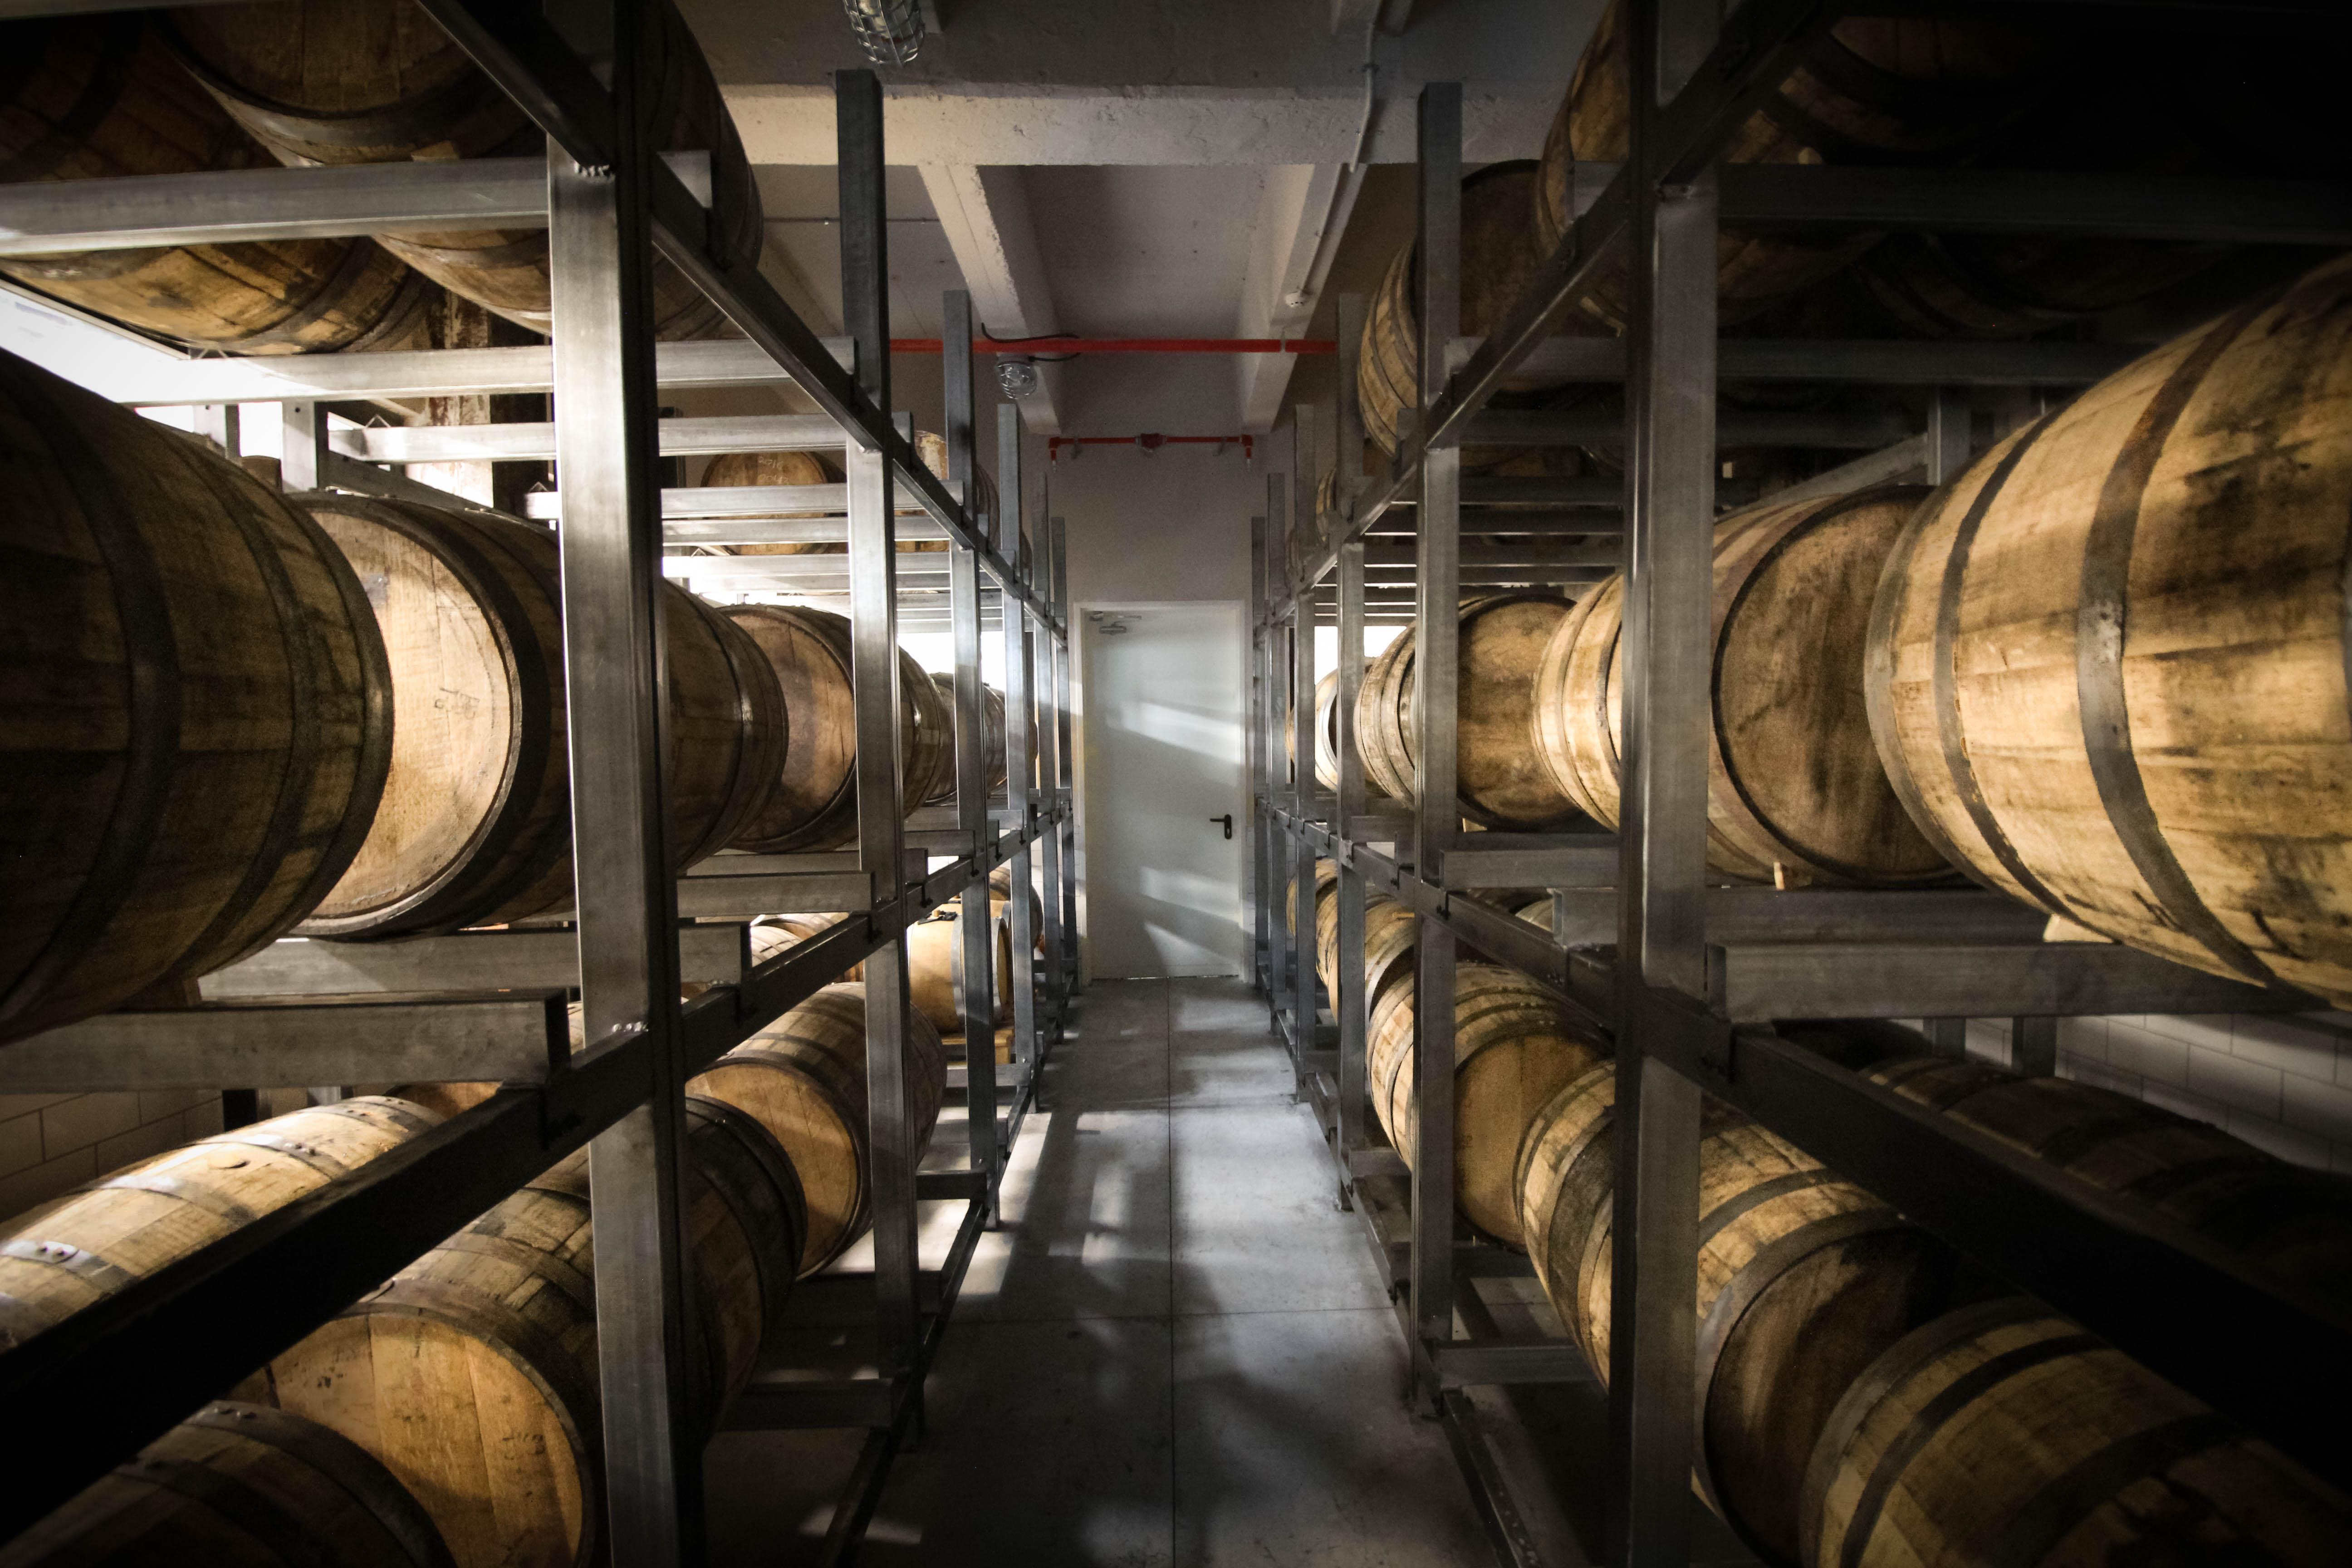 סיור במזקקת הוויסקי הראשונה - מילק אנד האני (צילום: ליאור גולדסאד)